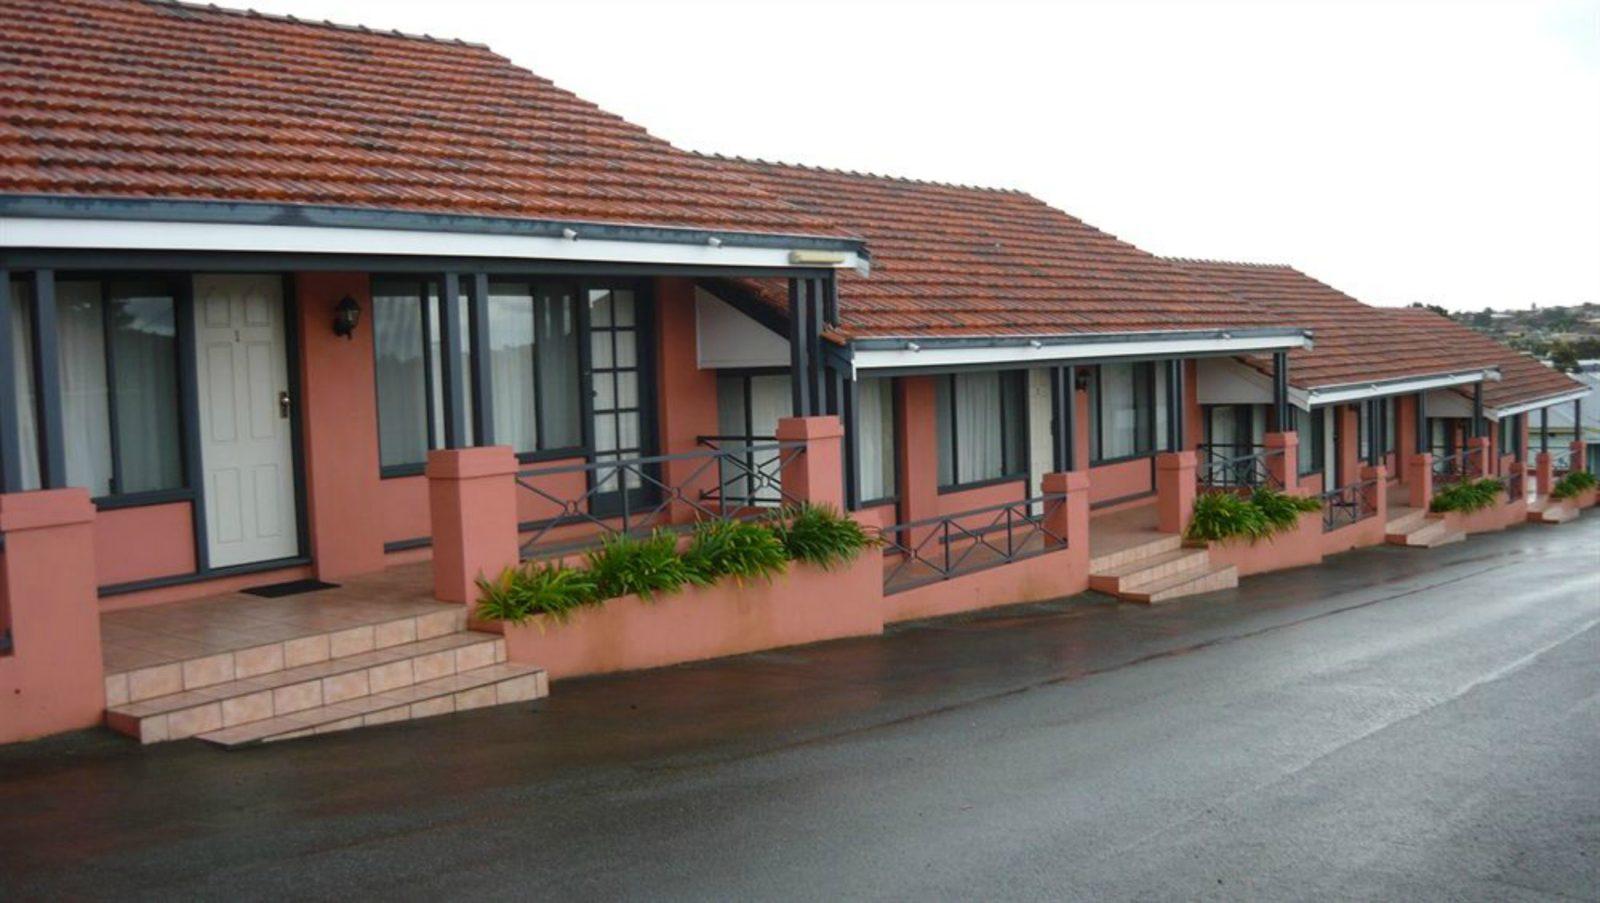 Albany Apartments, Albany, Western Australia